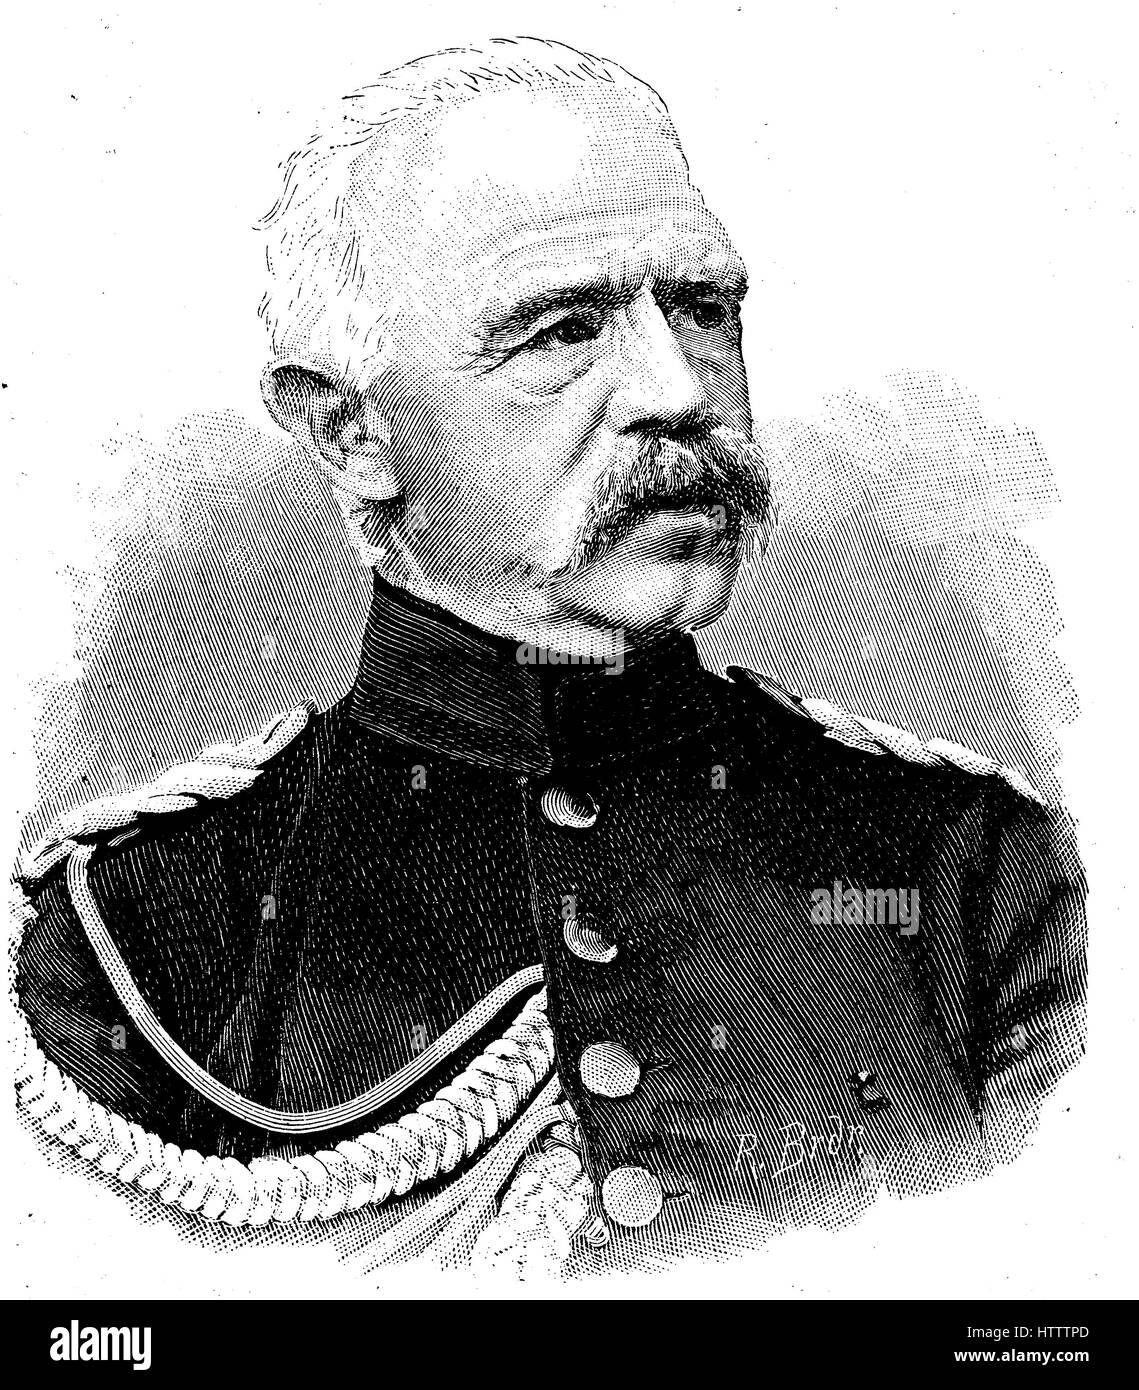 Adolf Albert Ferdinand Karl Friedrich von Bonin, November 11, 1803 - April 16, 1872, was a Prussian officer, most - Stock Image